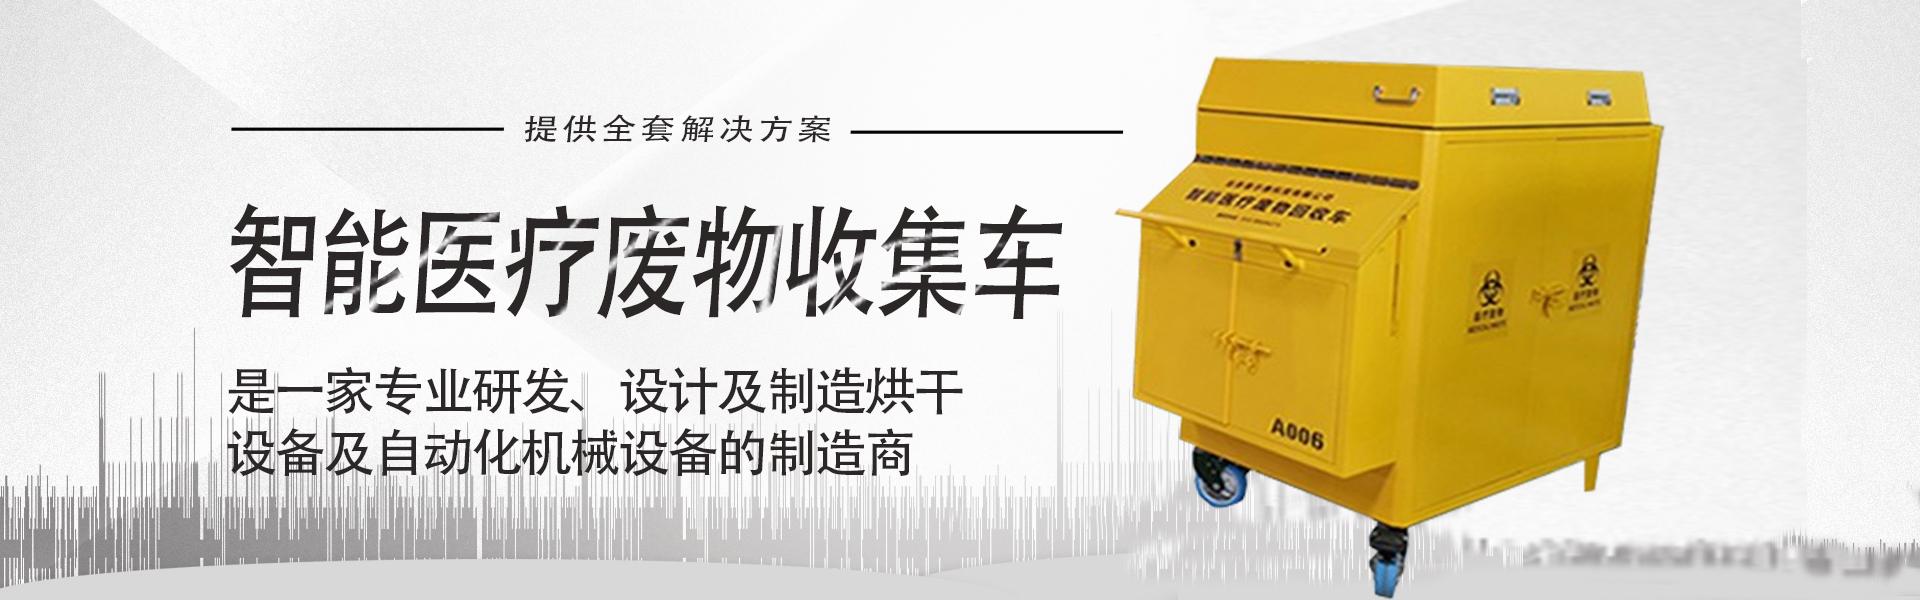 智能医疗废物收集车由惠州市运达自动化设备有限公司为您提供,运达自动化设备是一家专业研发、设计及制造宏观干设备及自动化设备的制造商